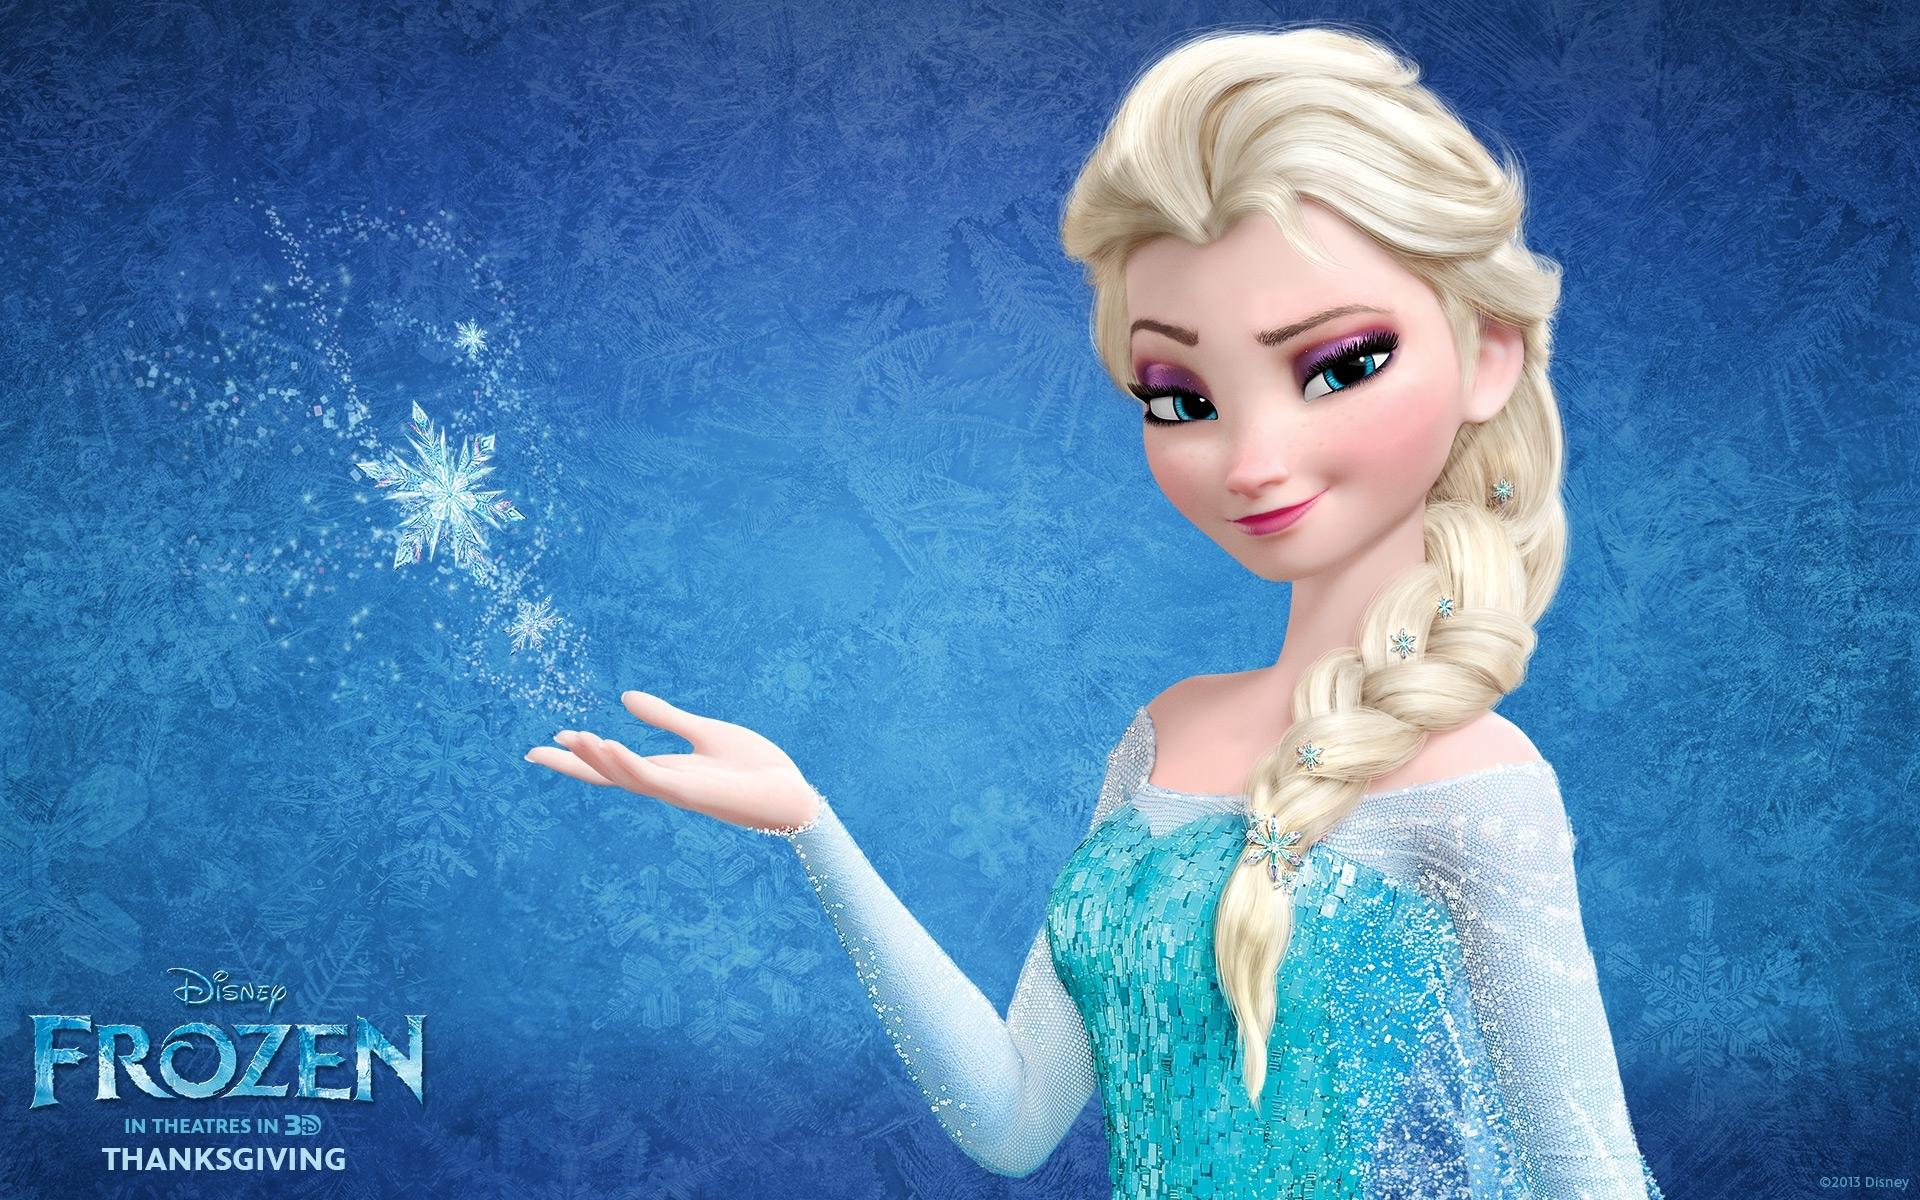 snow queen elsa in frozen wallpapers | hd wallpapers | id #13008